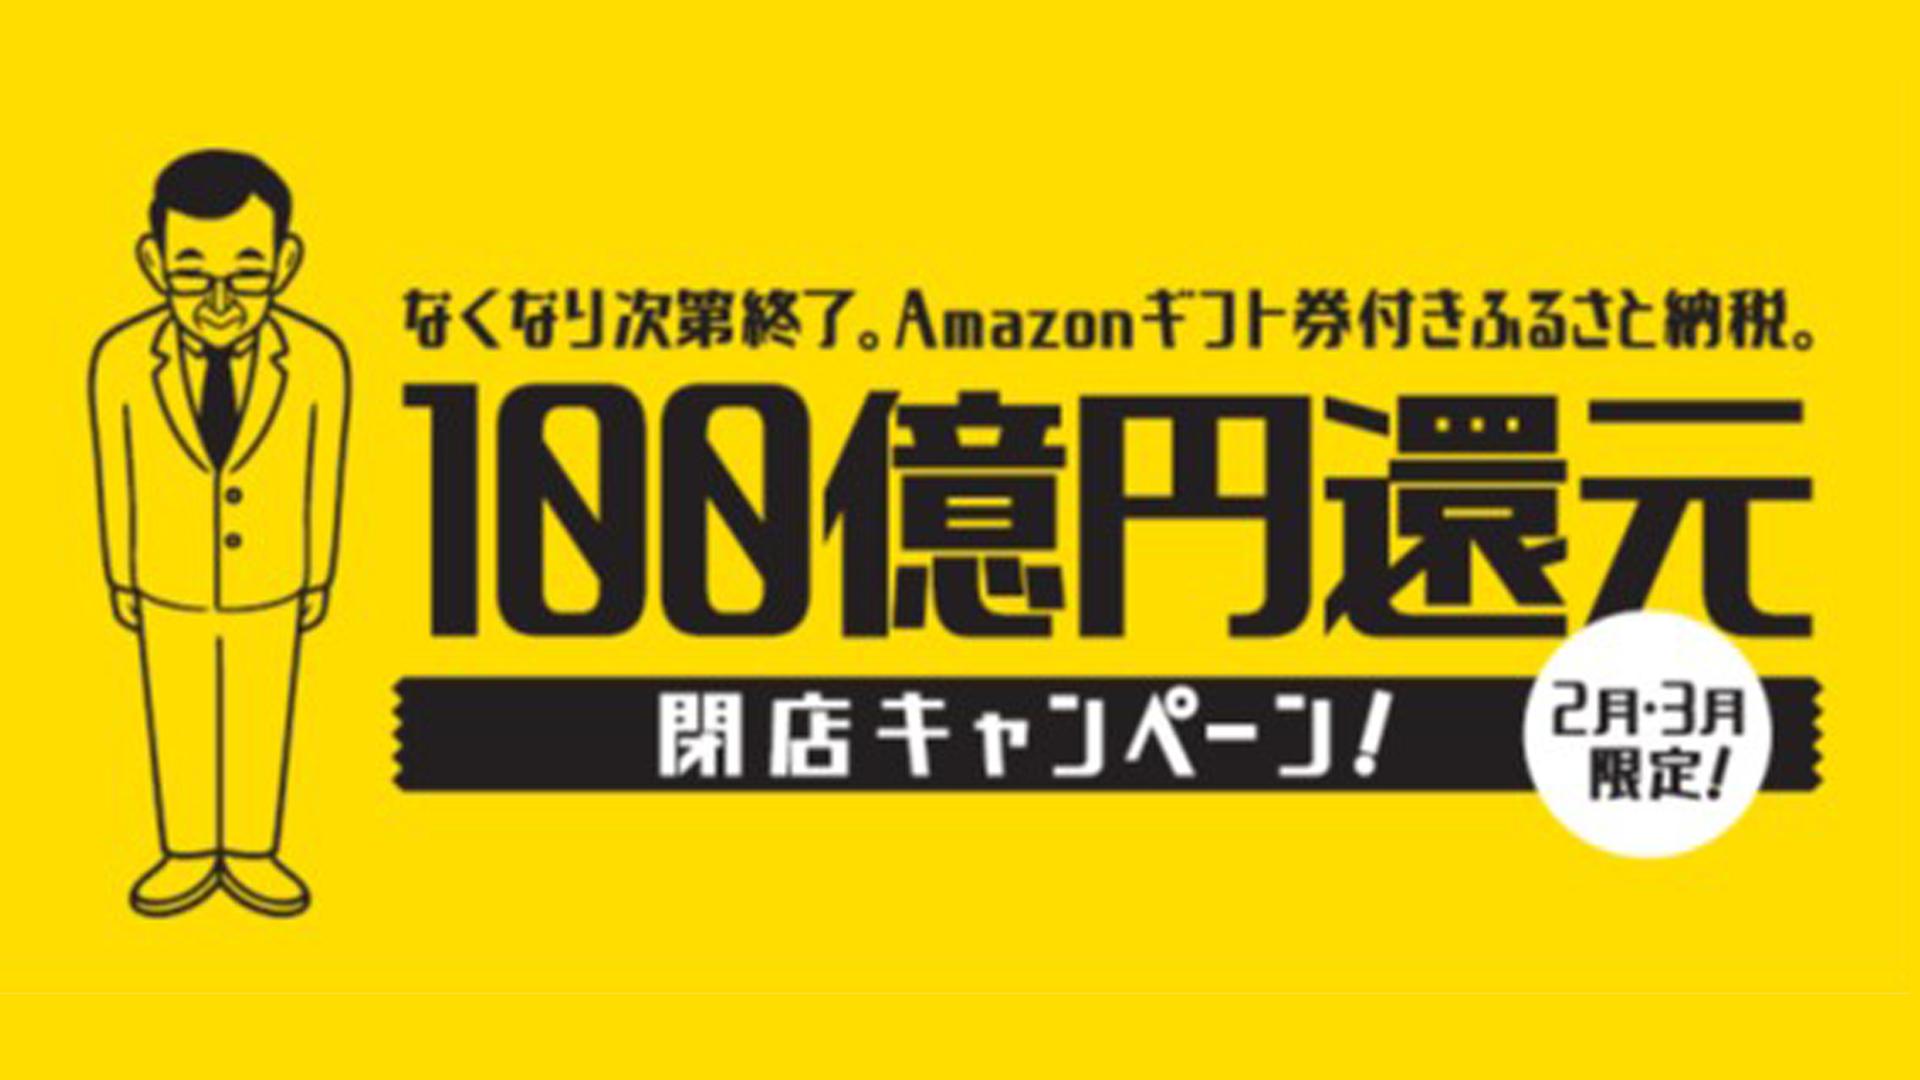 【泉佐野市ふるさと納税で「100億円還元」】他、新着トレンド2月6日